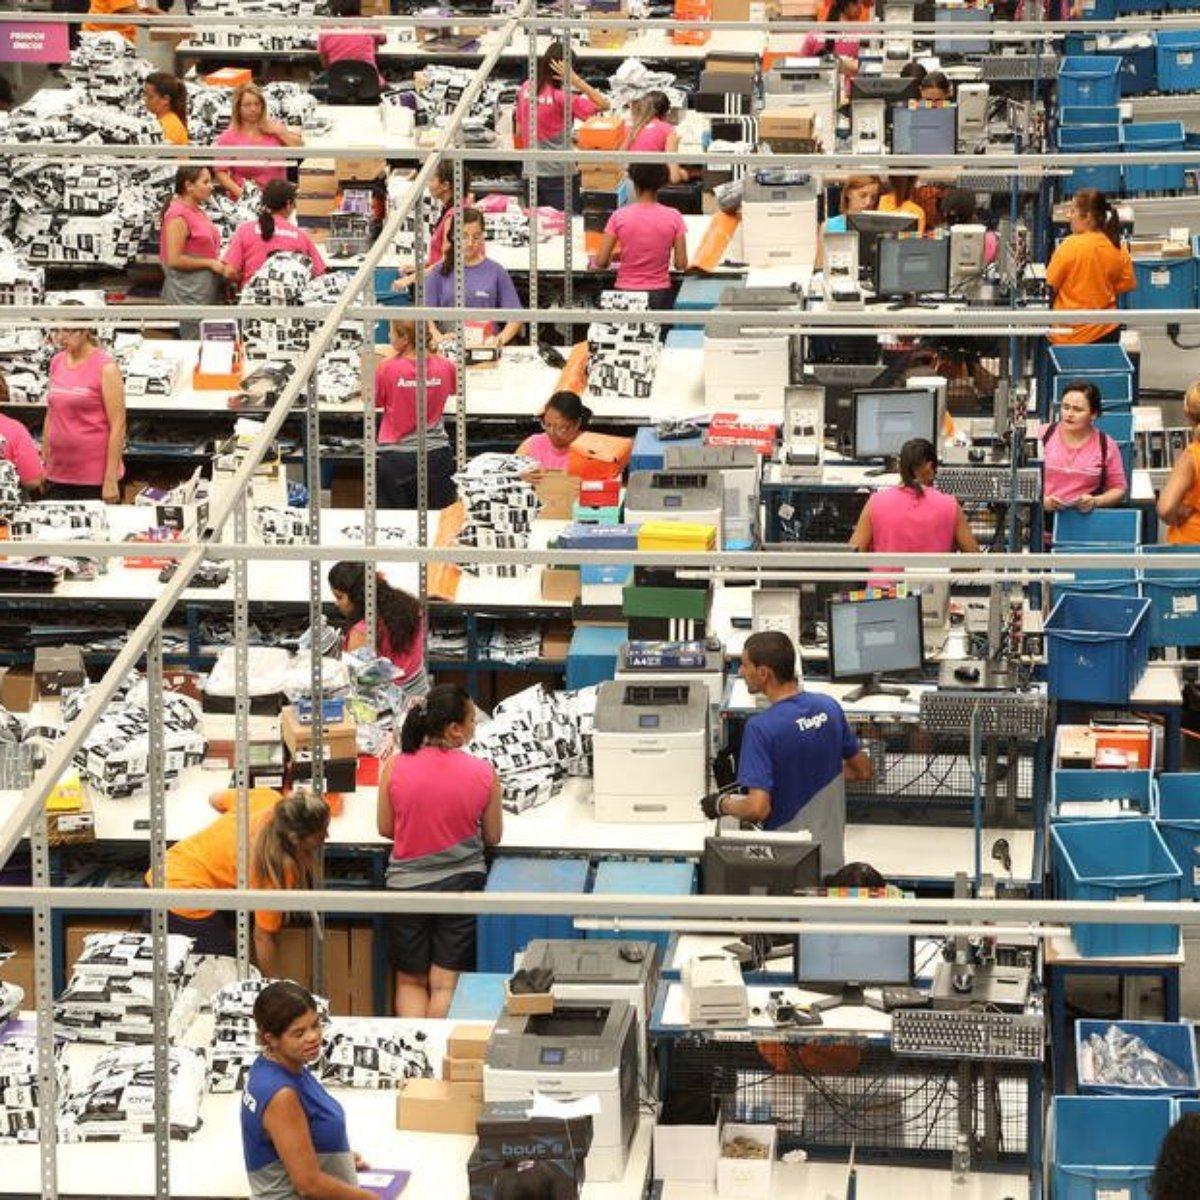 22a3221261 Magazine Luiza anuncia aquisição da Netshoes por US$ 62 milhões